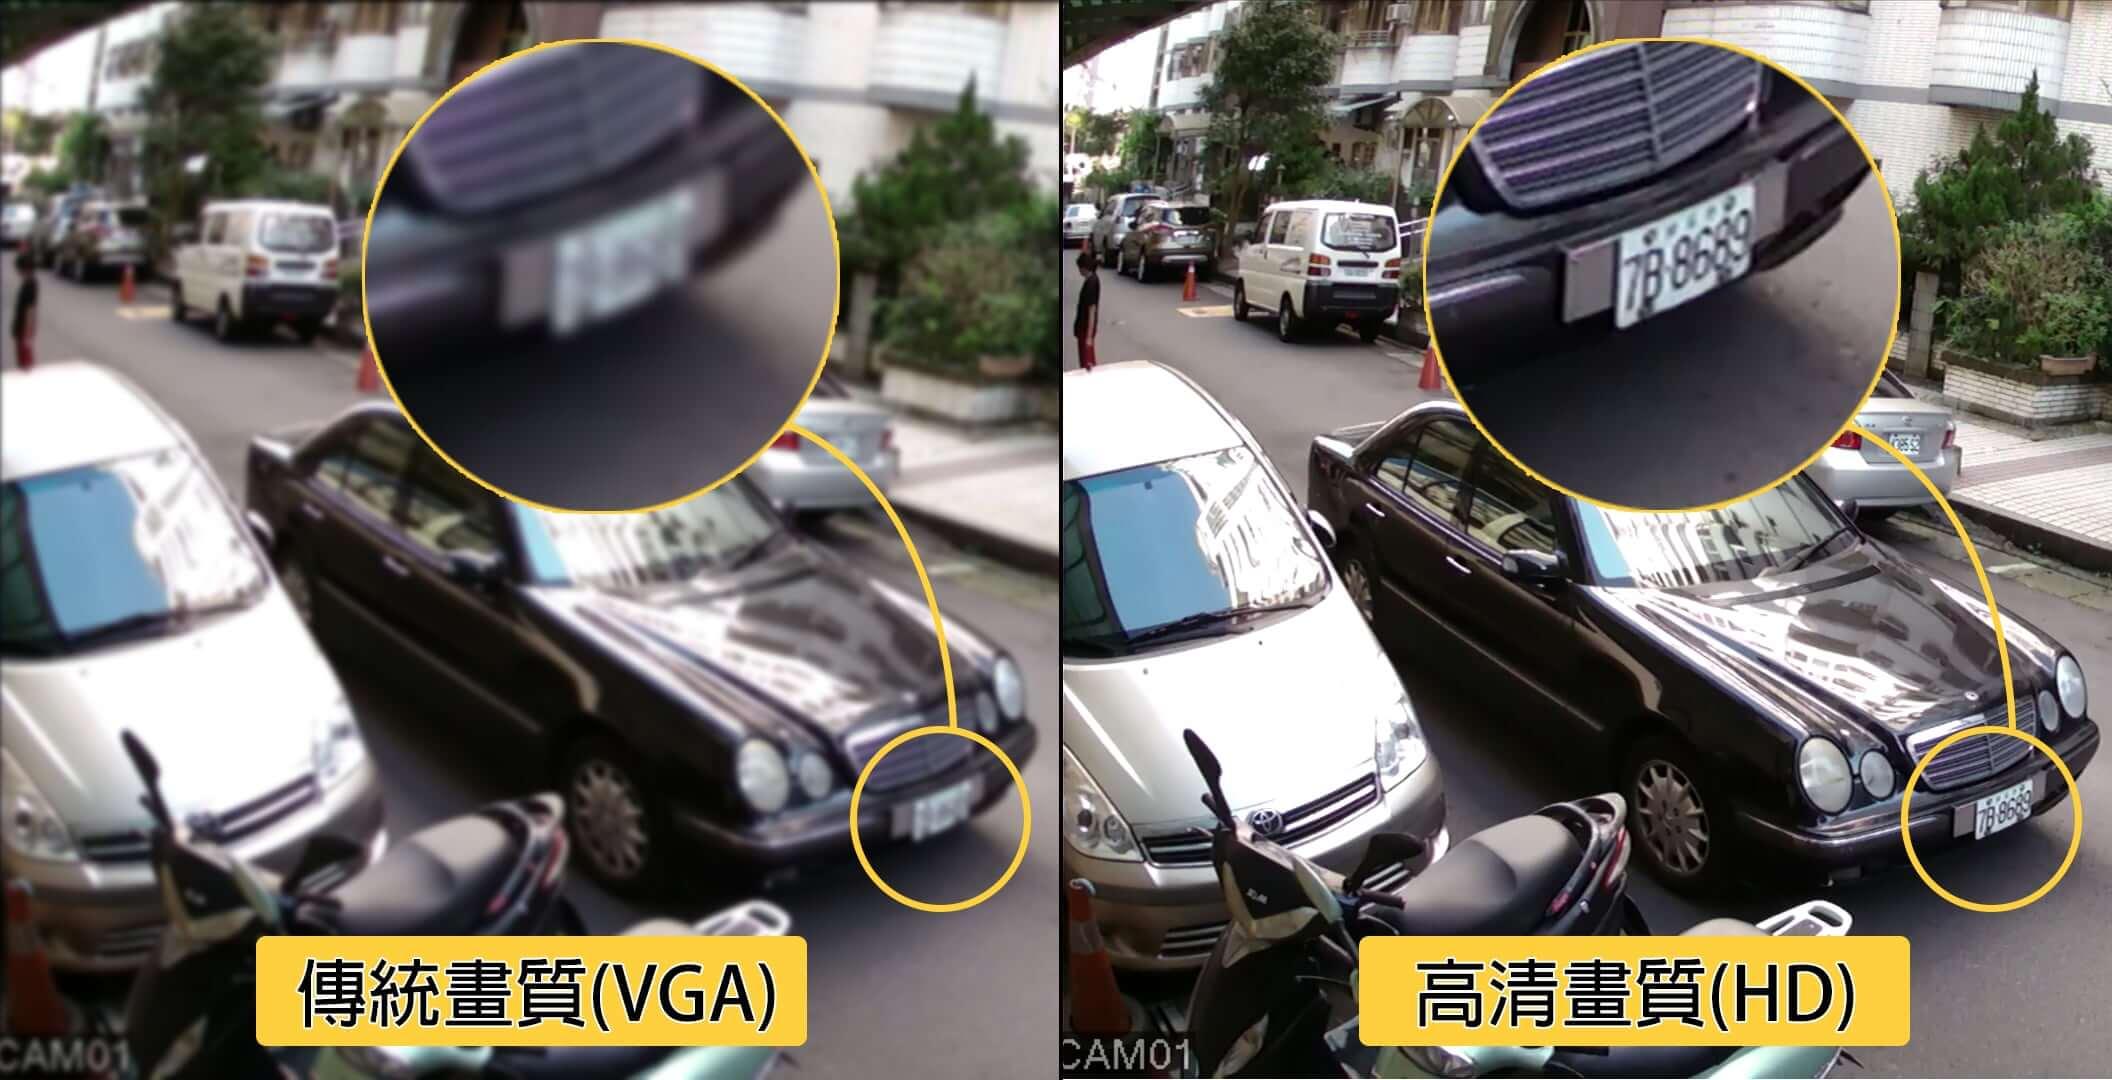 監視器車牌拍攝效果